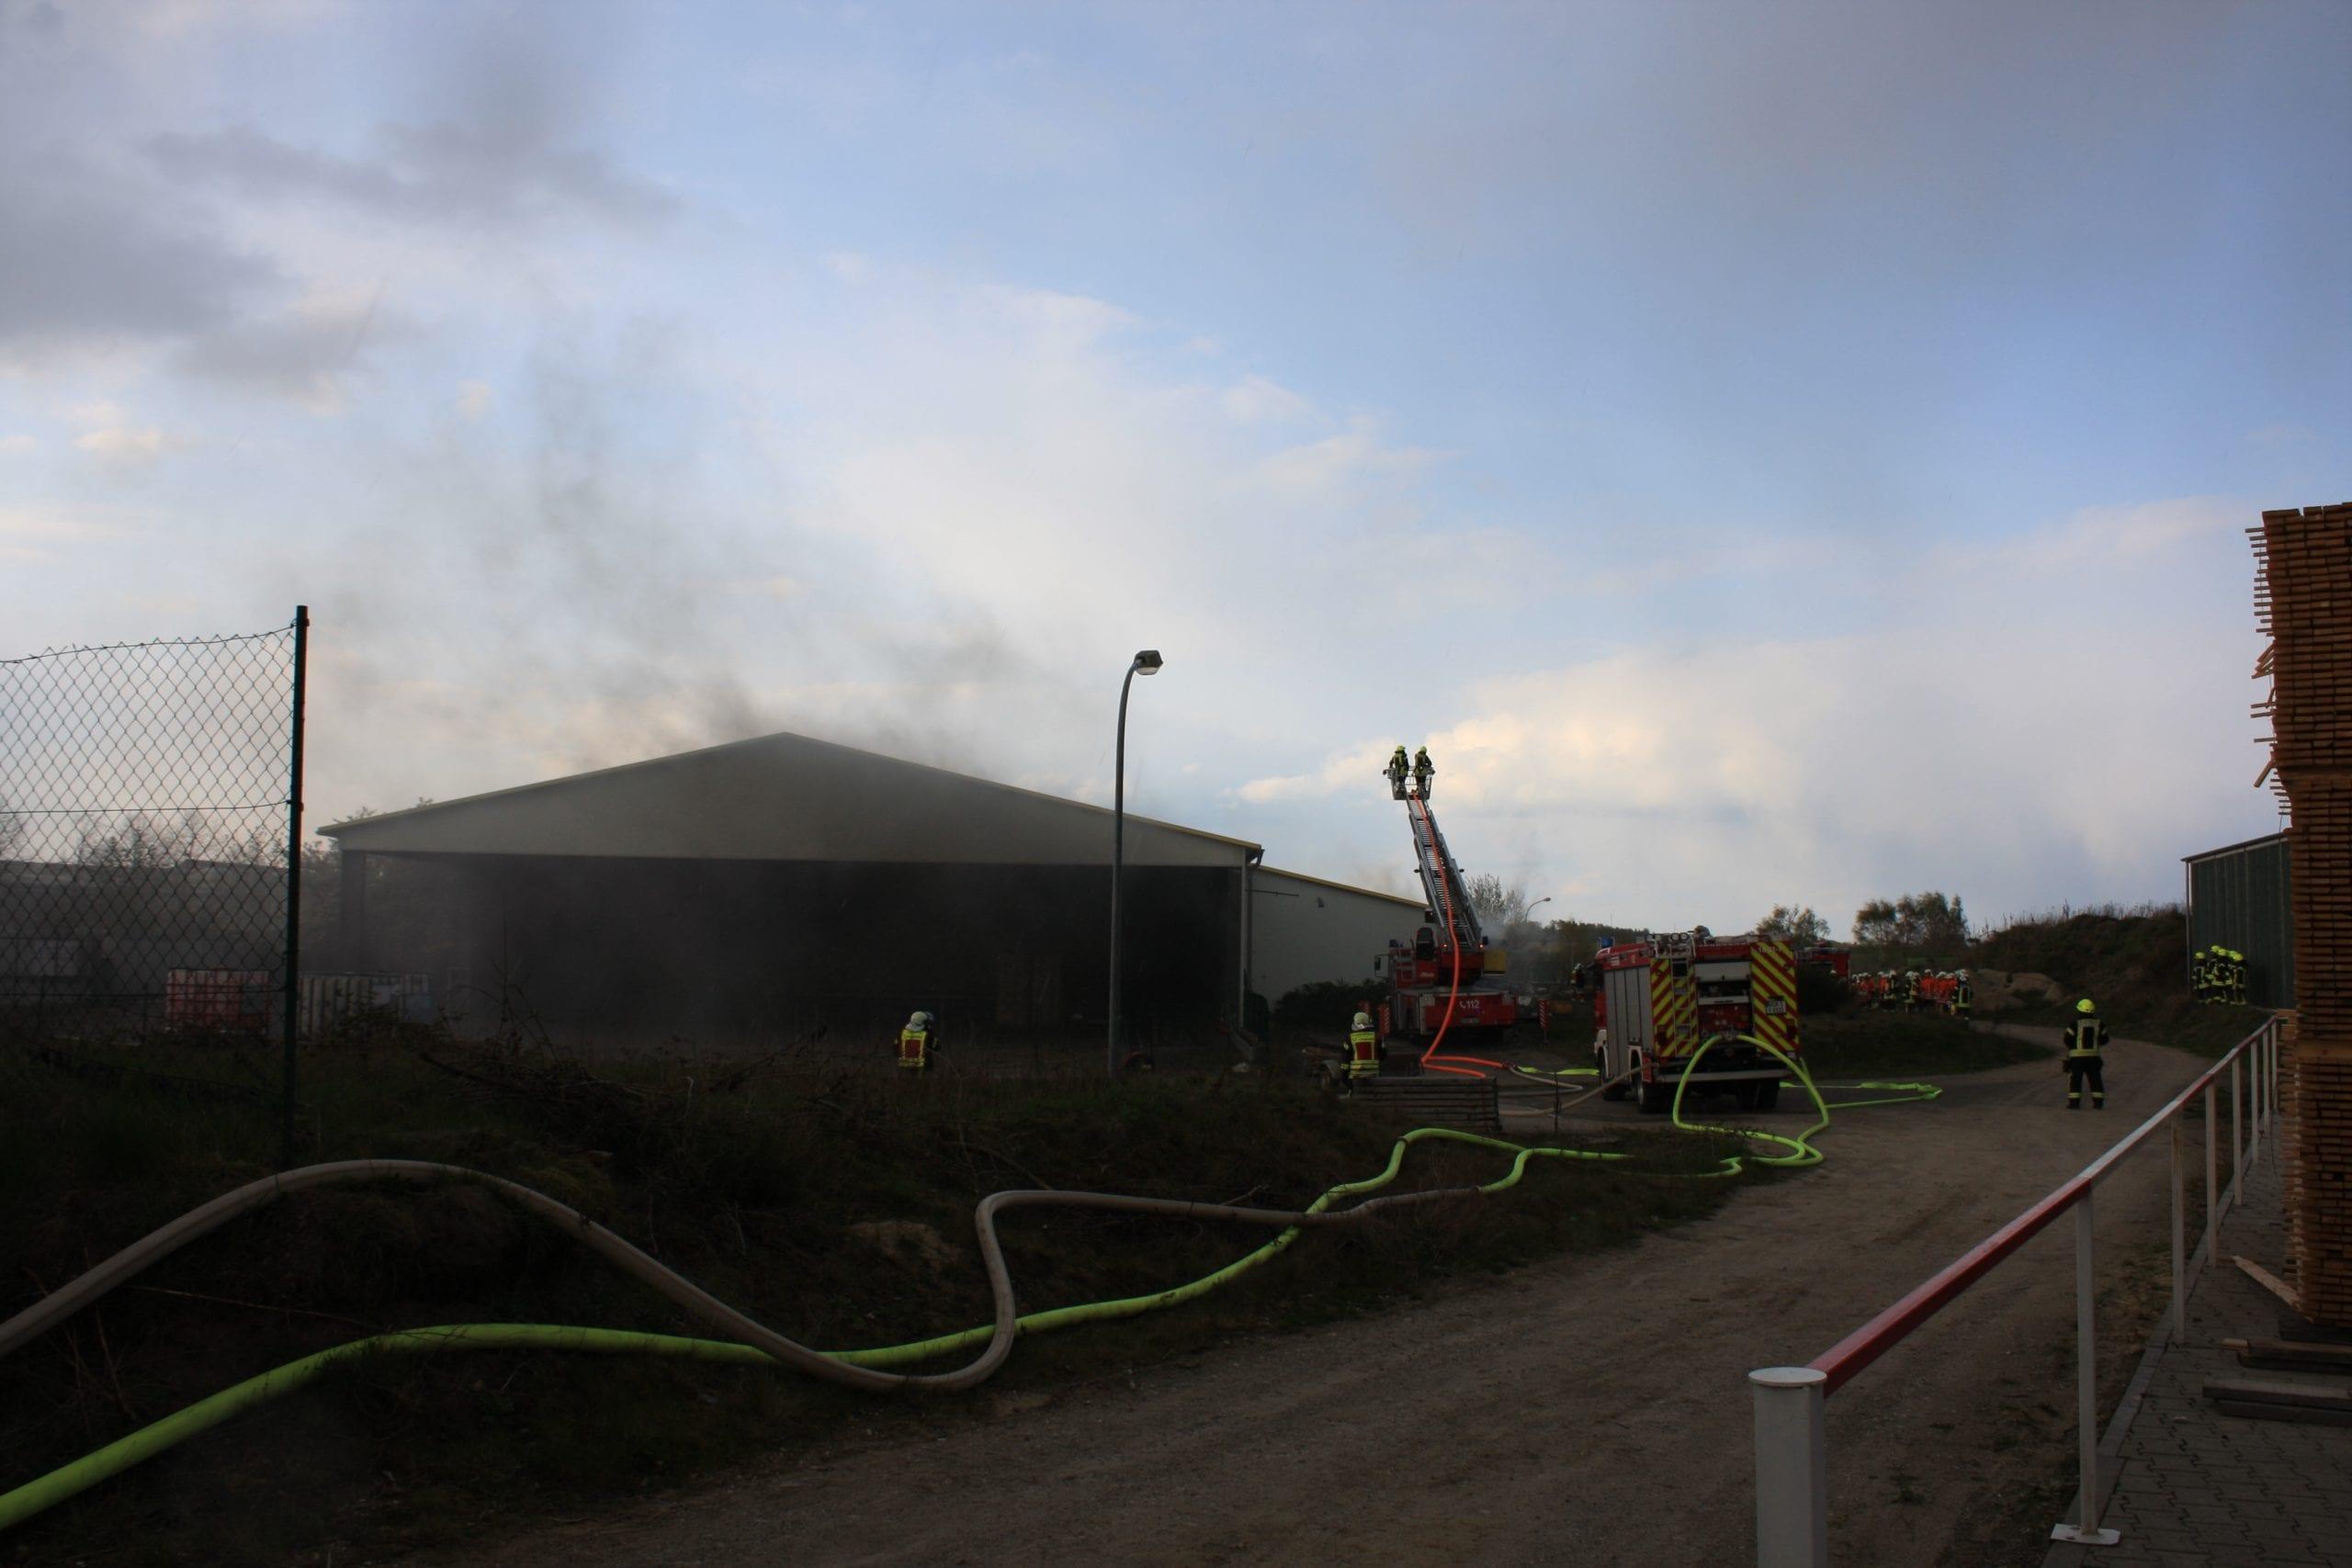 20190412_Hallenbrand-in-Daverden01_ehlertmeinken